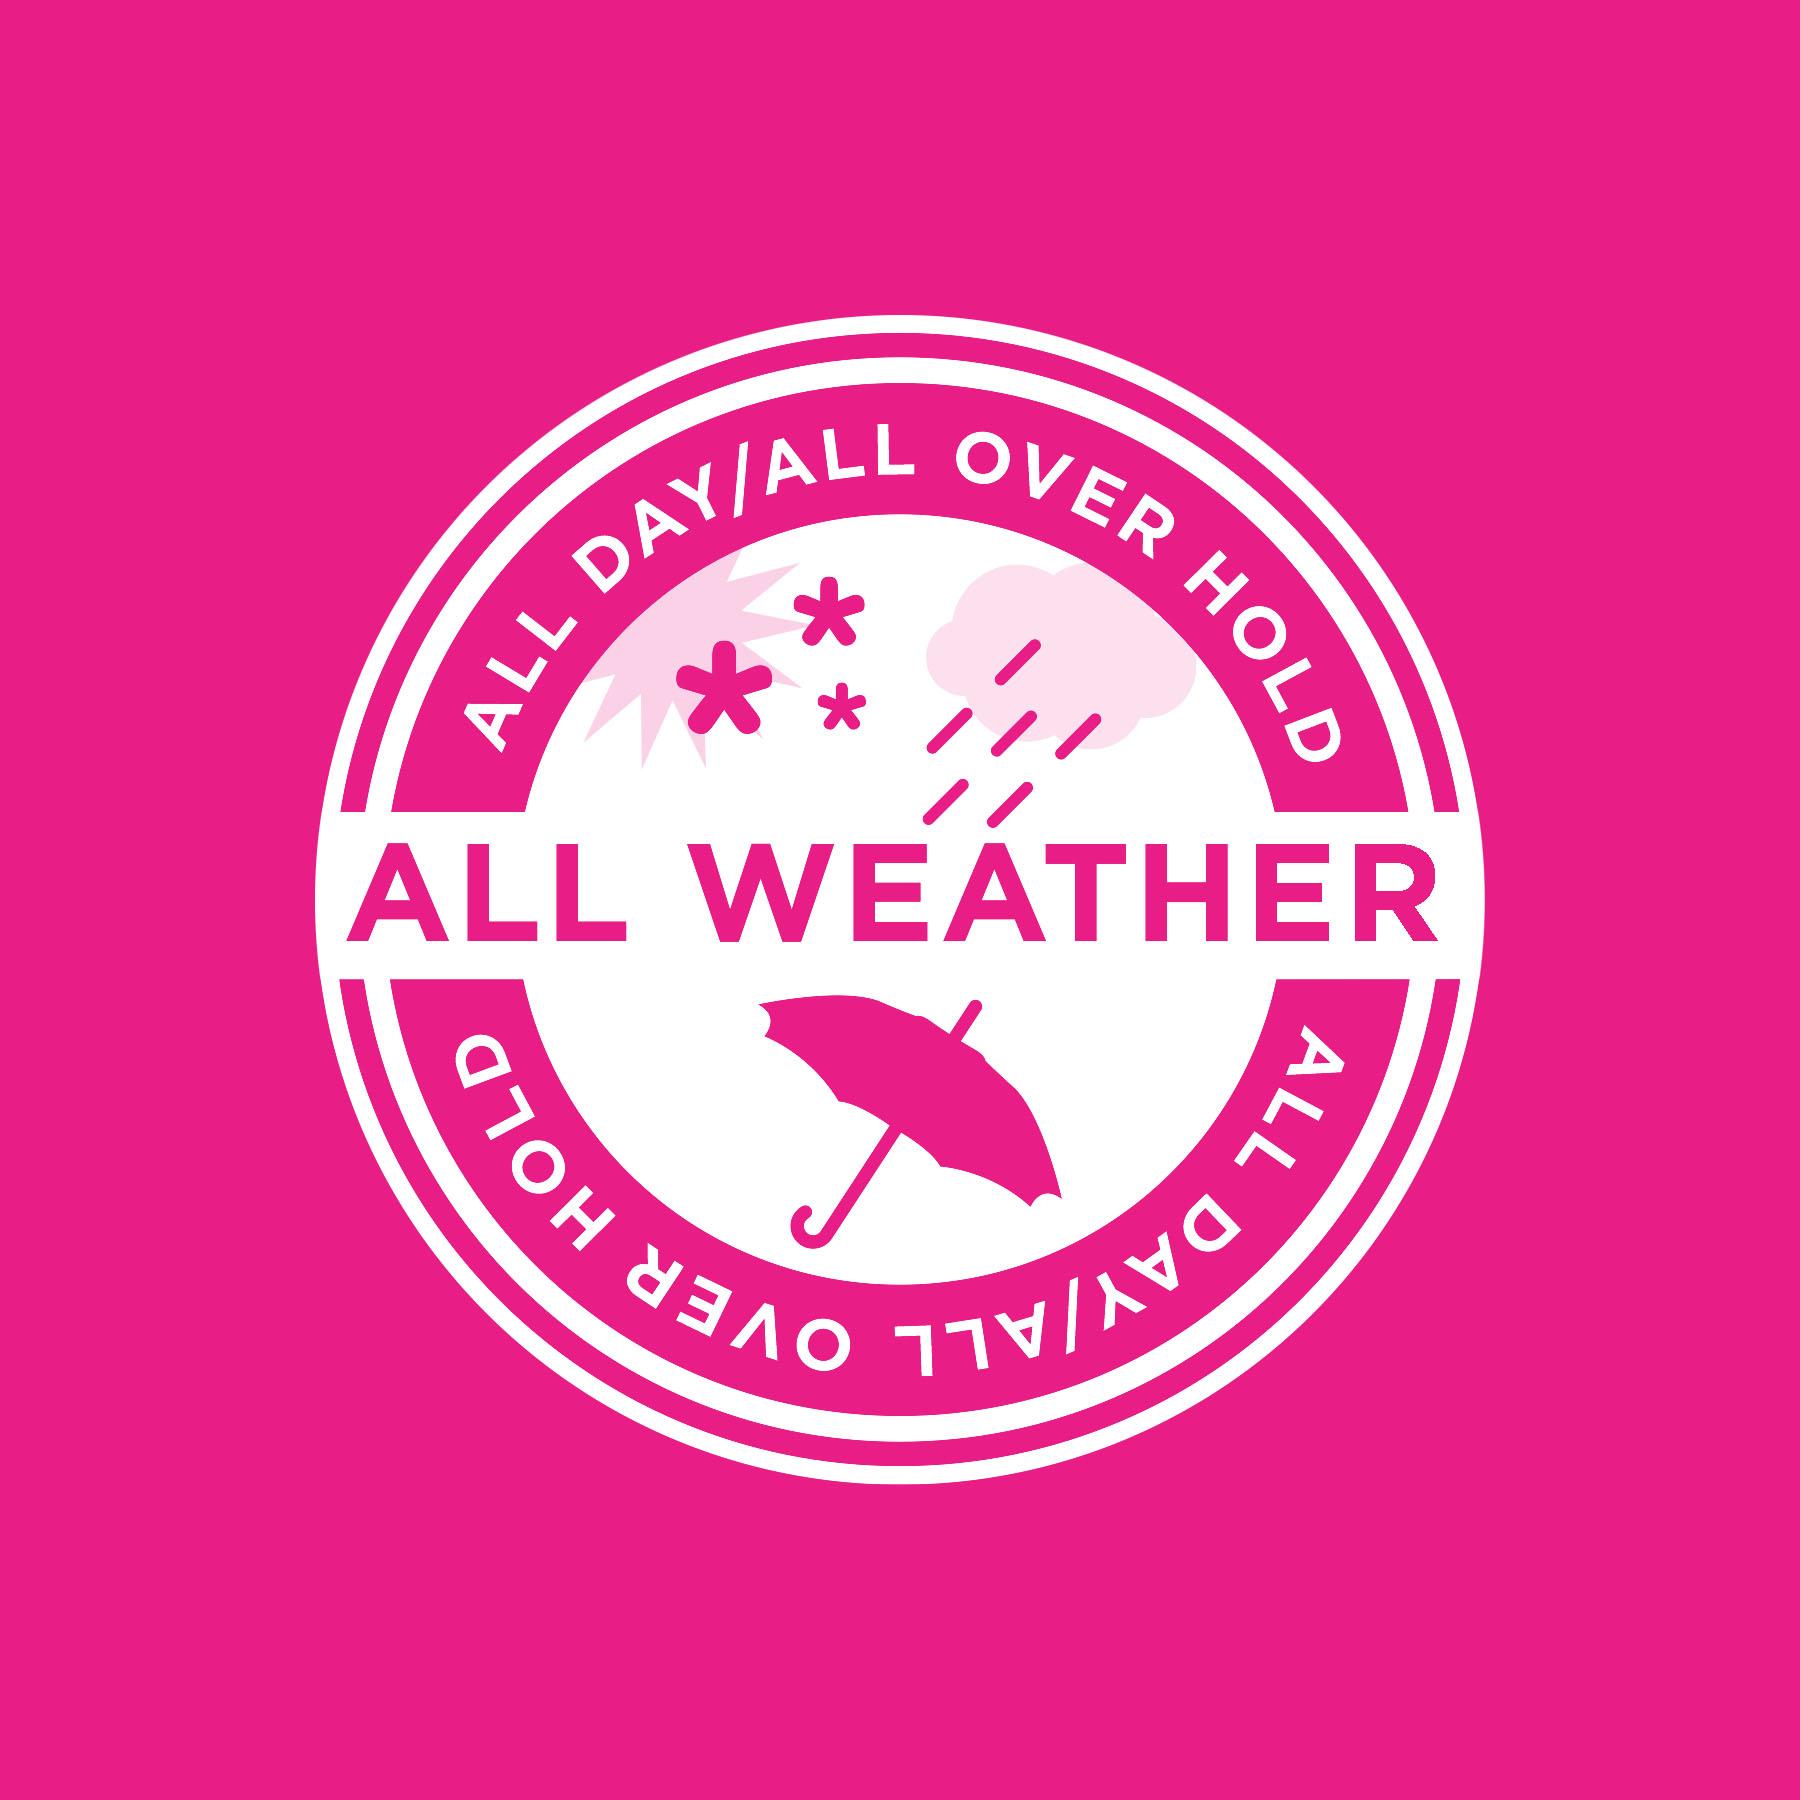 Aqua Net All Weather Badge